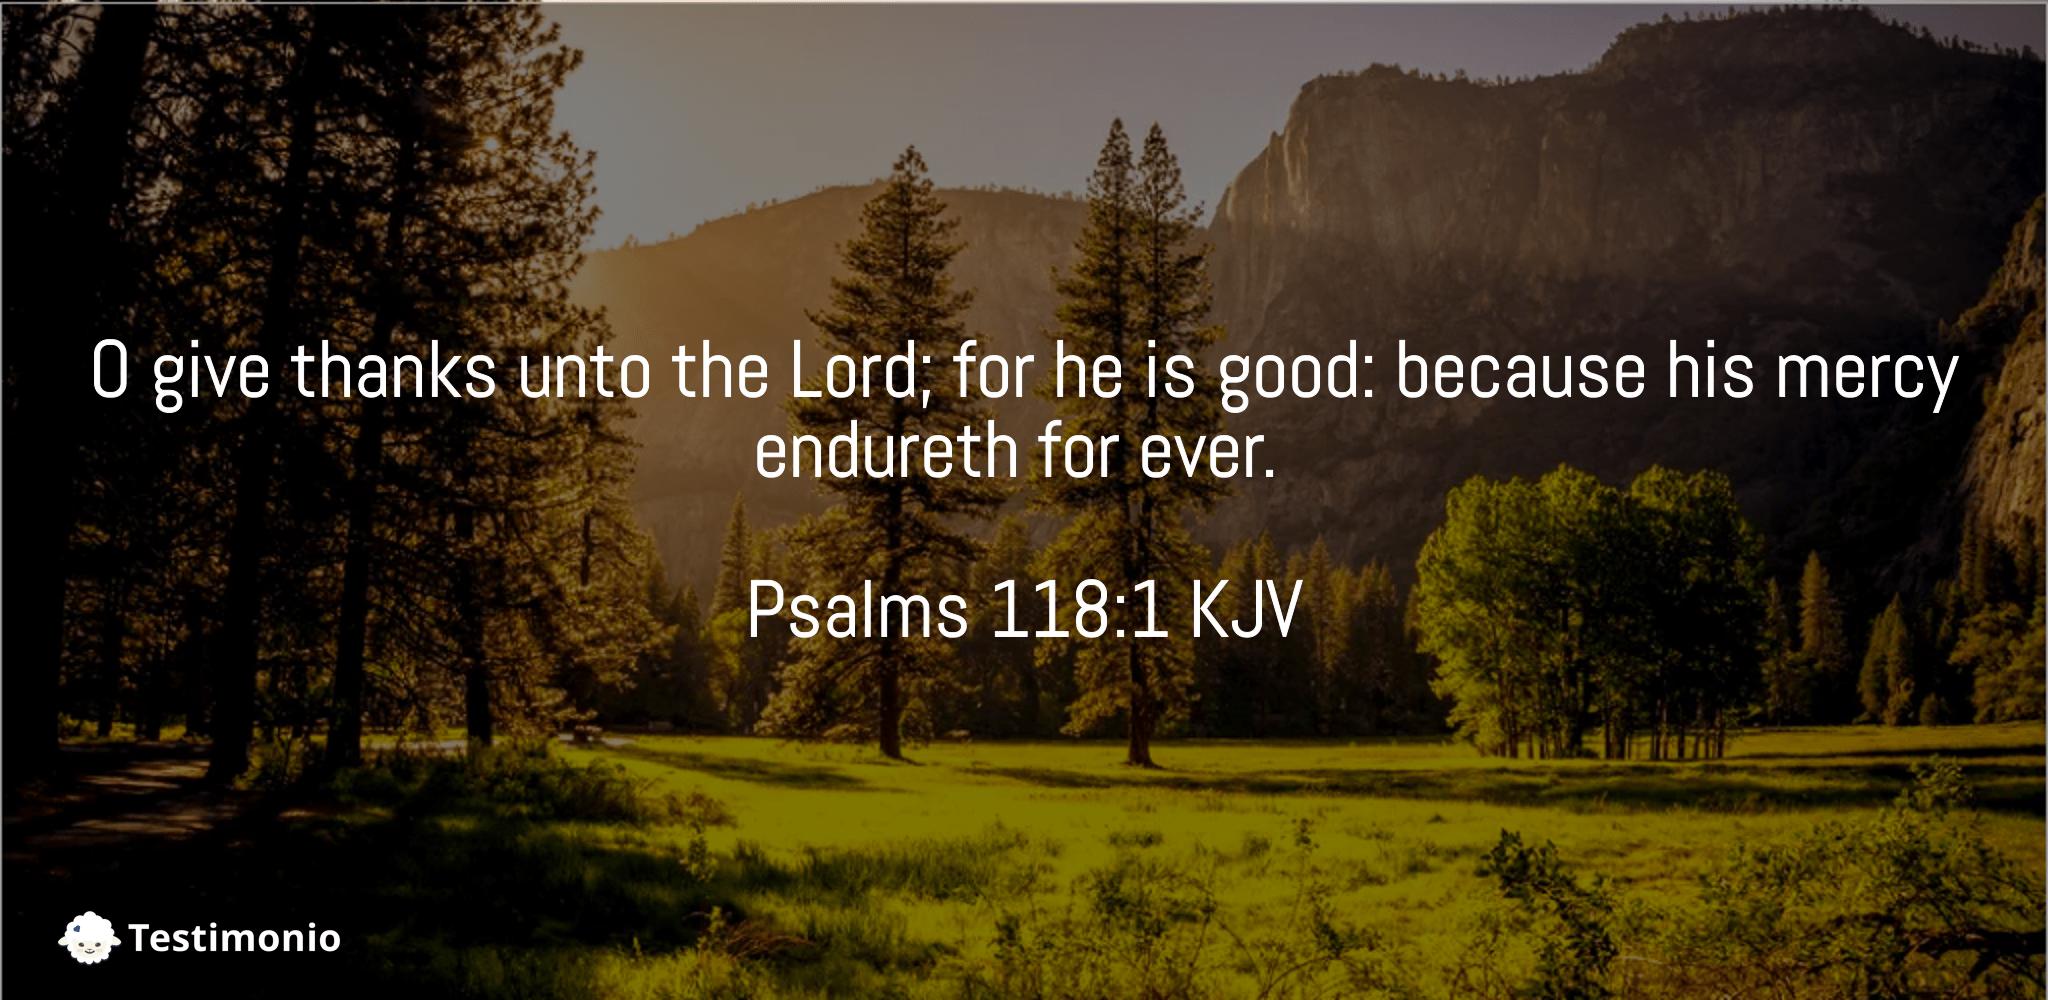 Psalms 118:1